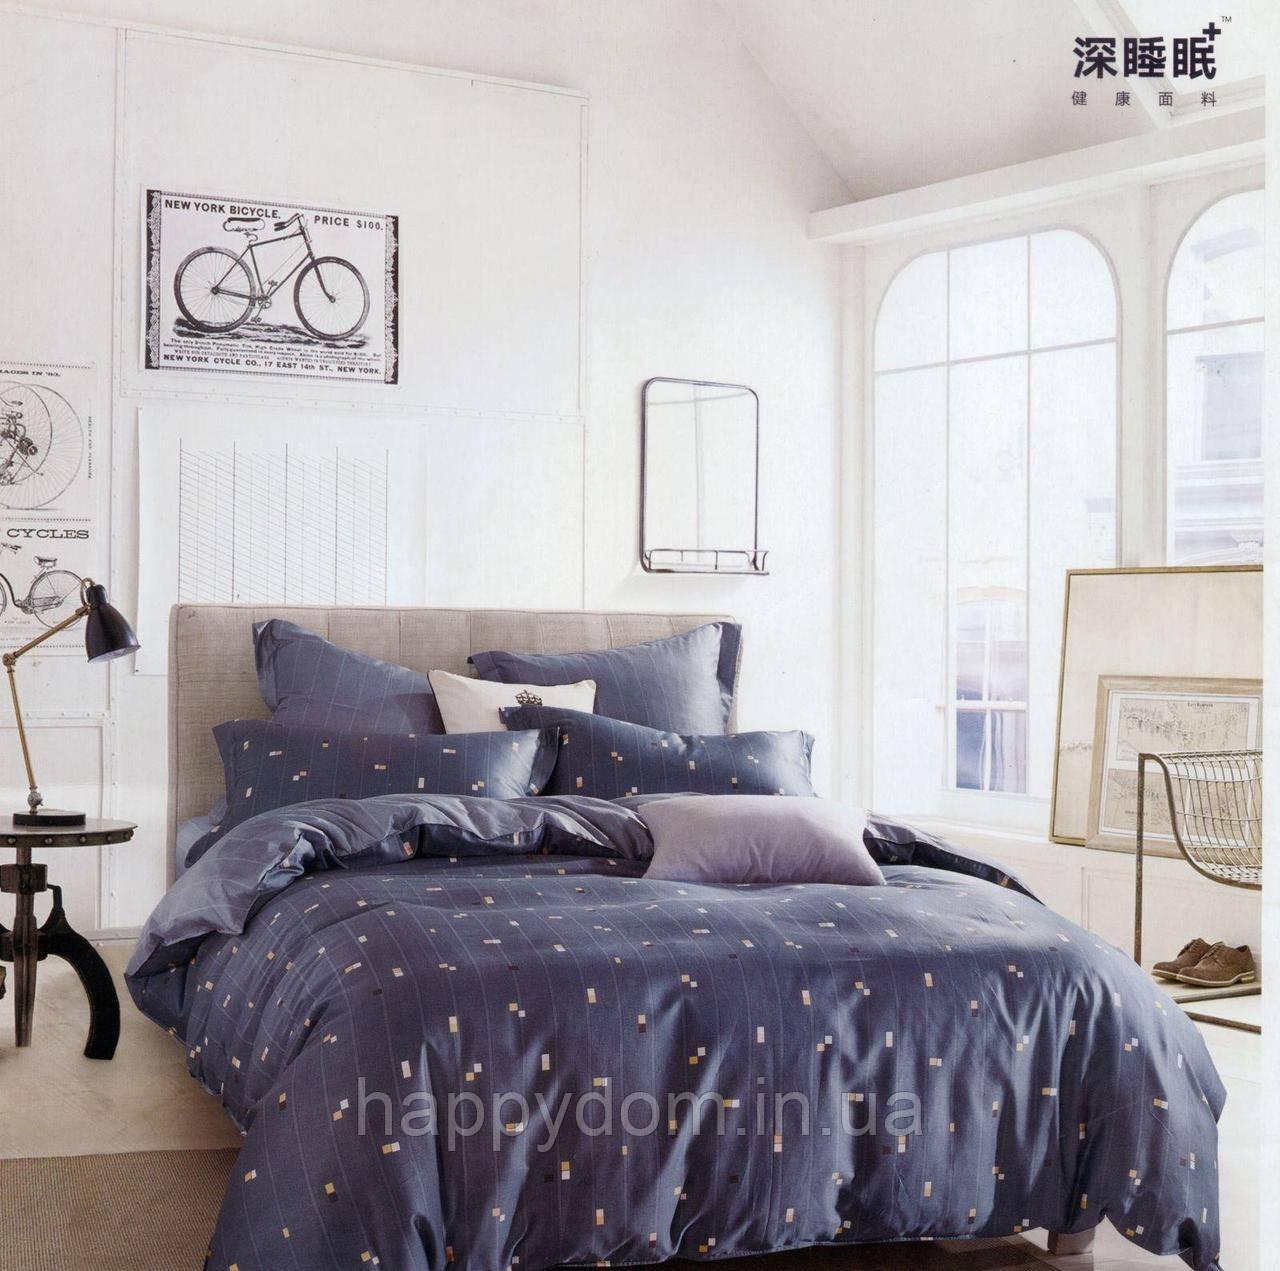 Двуспальное евро постельное белье из египетского хлопка ТМ Kesar Polo